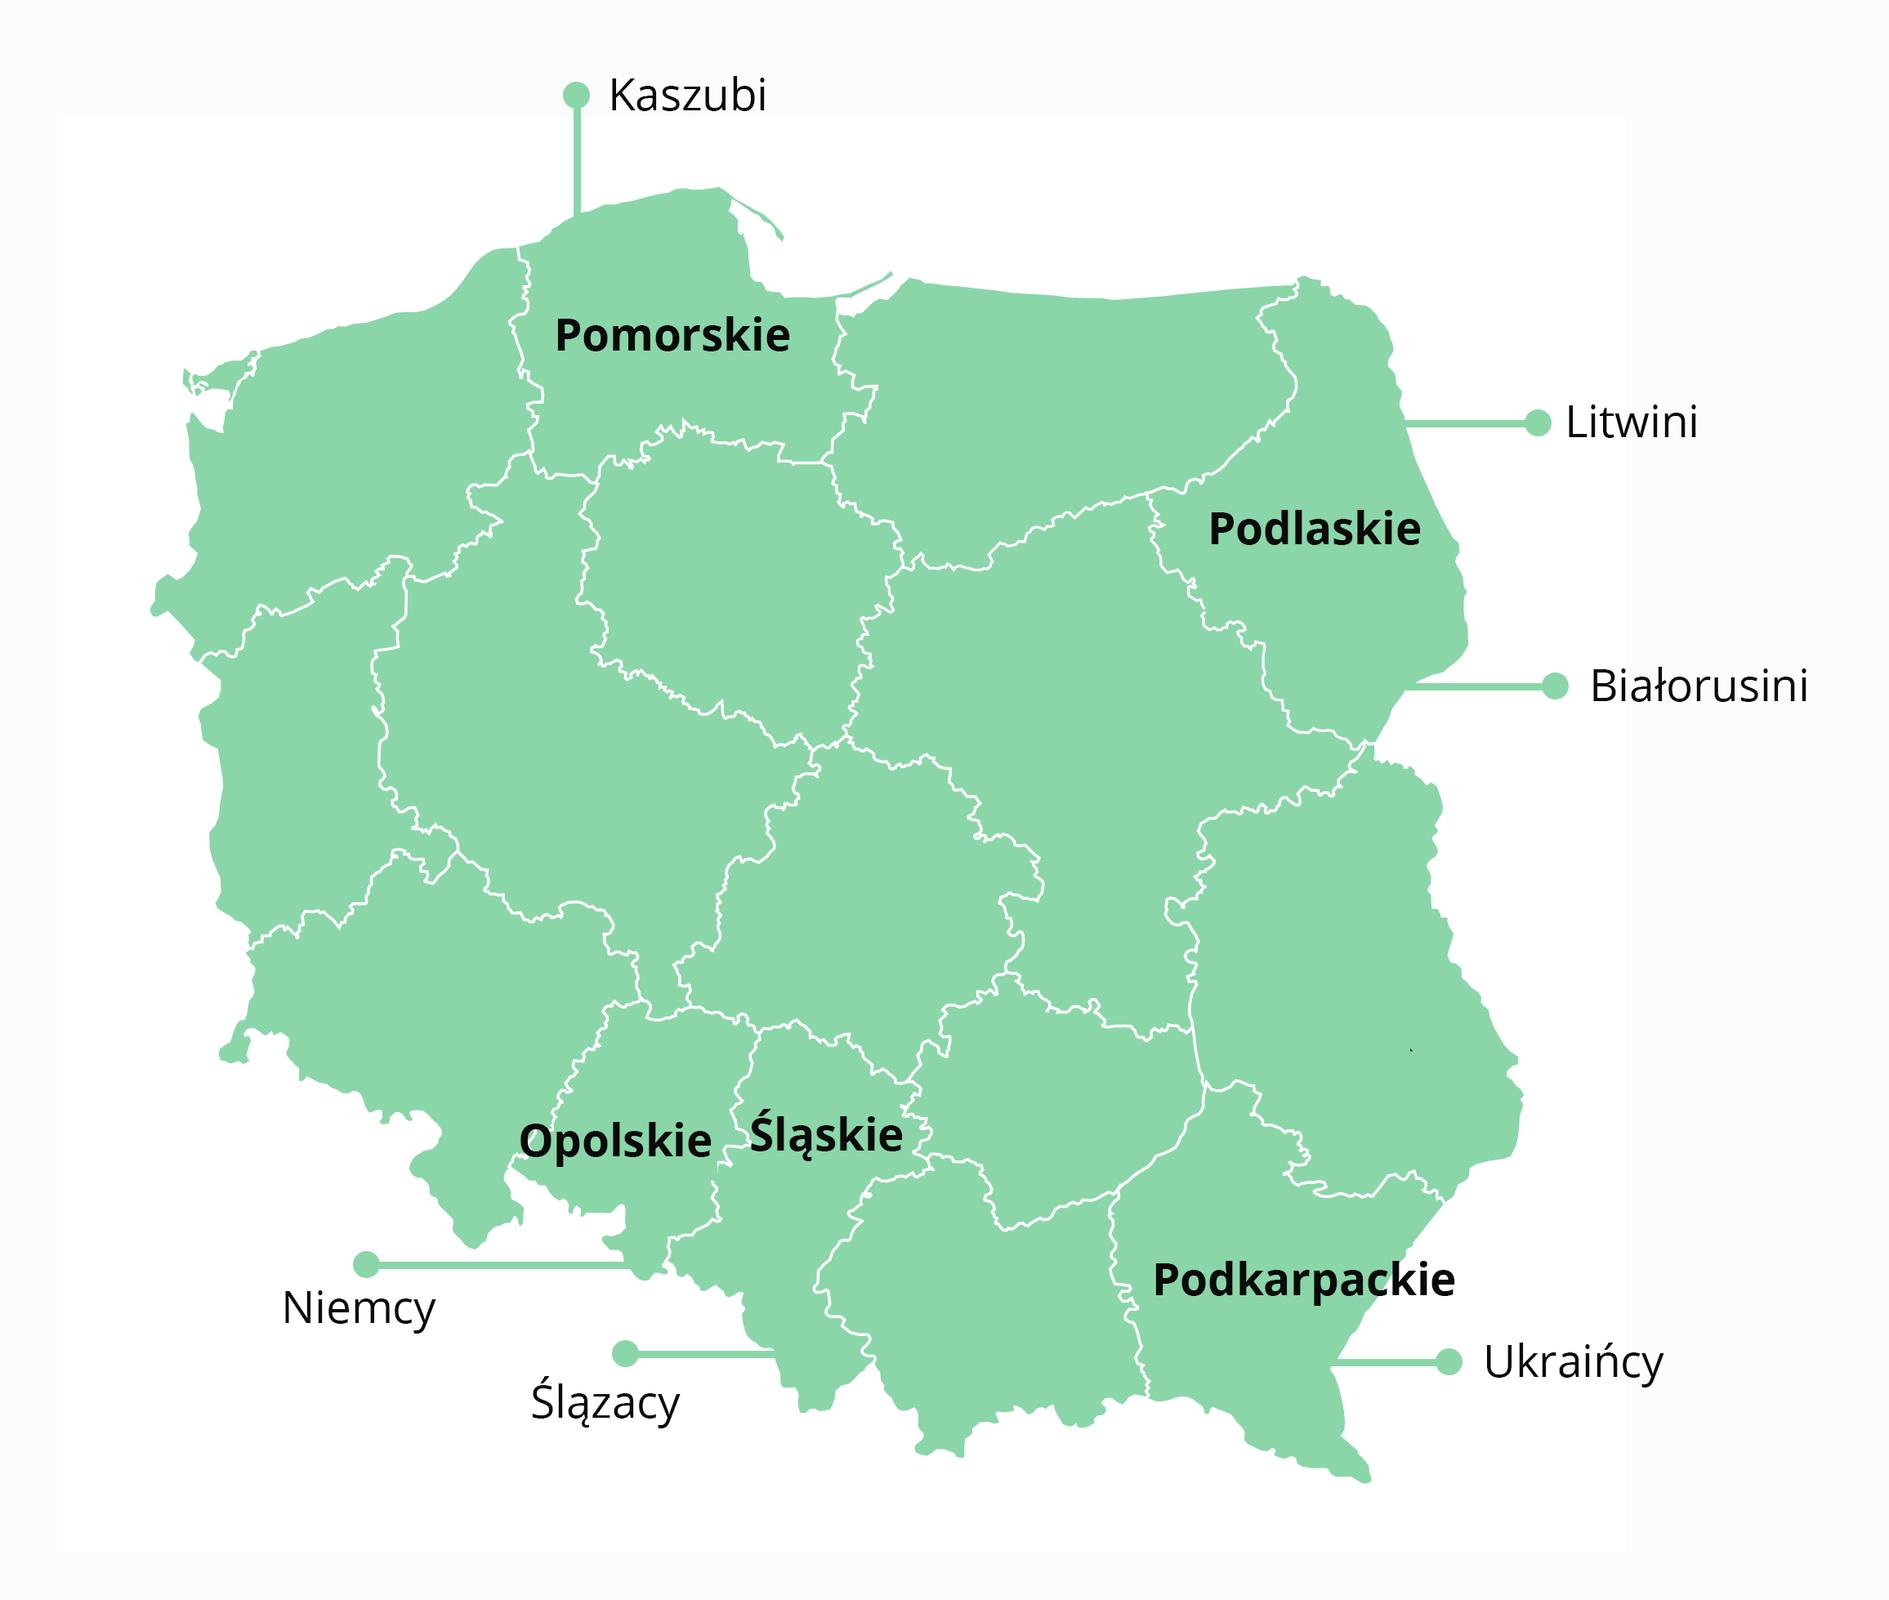 Rozmieszczenie wybranych mniejszości narodowych oraz Kaszubów iŚlązaków wPolsce Rozmieszczenie wybranych mniejszości narodowych oraz Kaszubów iŚlązaków wPolsce Źródło: Contentplus.pl sp. zo.o., licencja: CC BY 3.0.